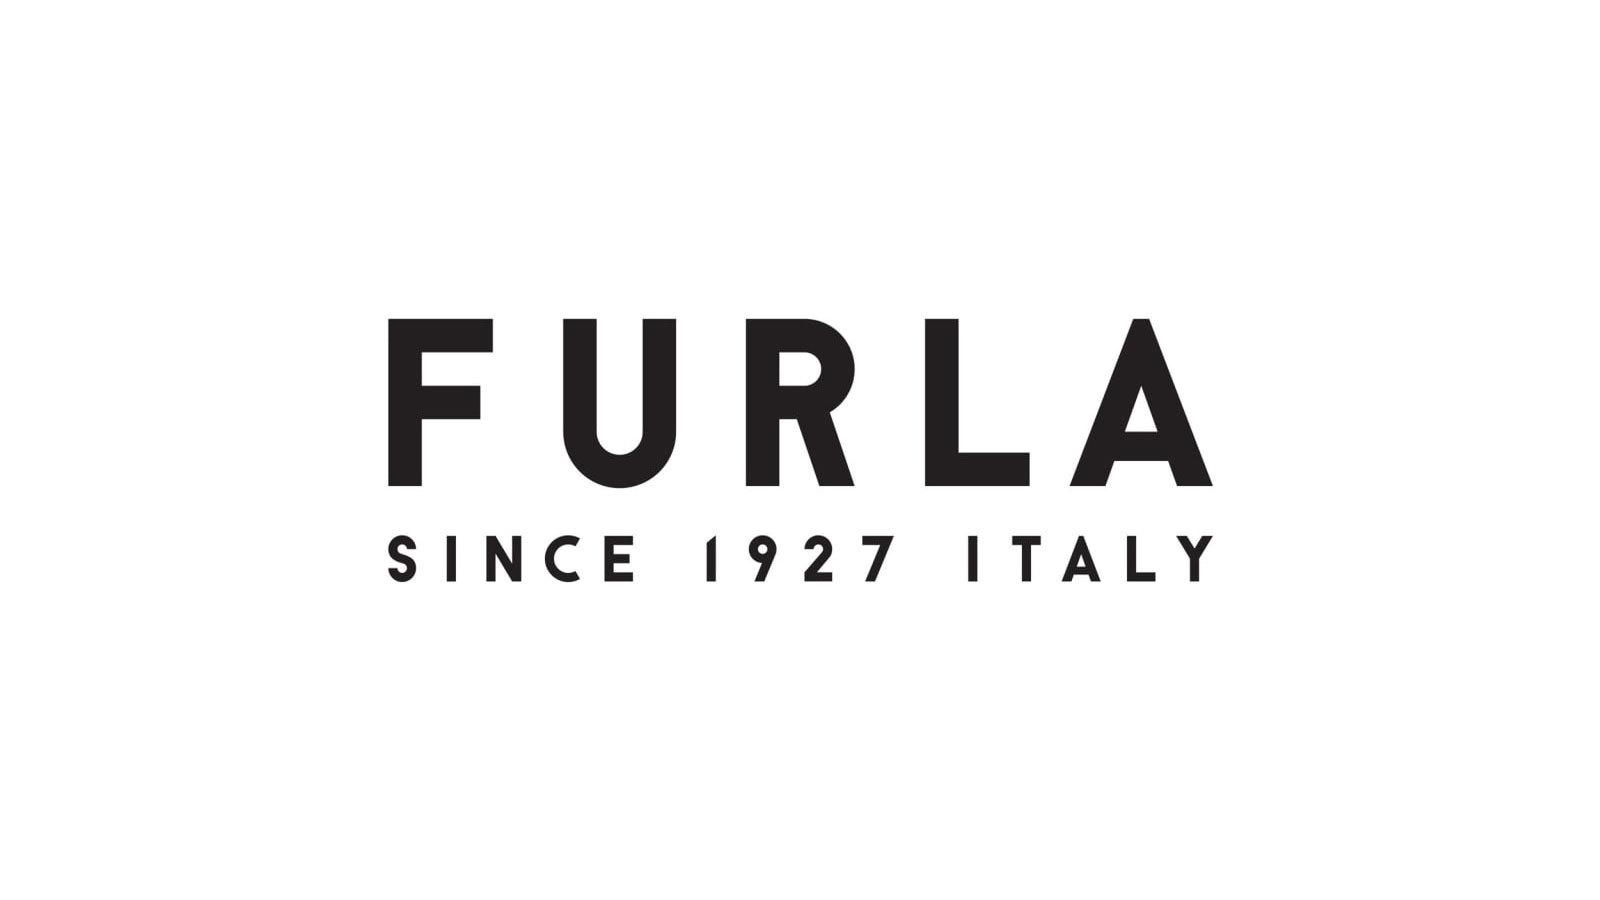 【FURLA(フルラ)】銀座店のカバー写真